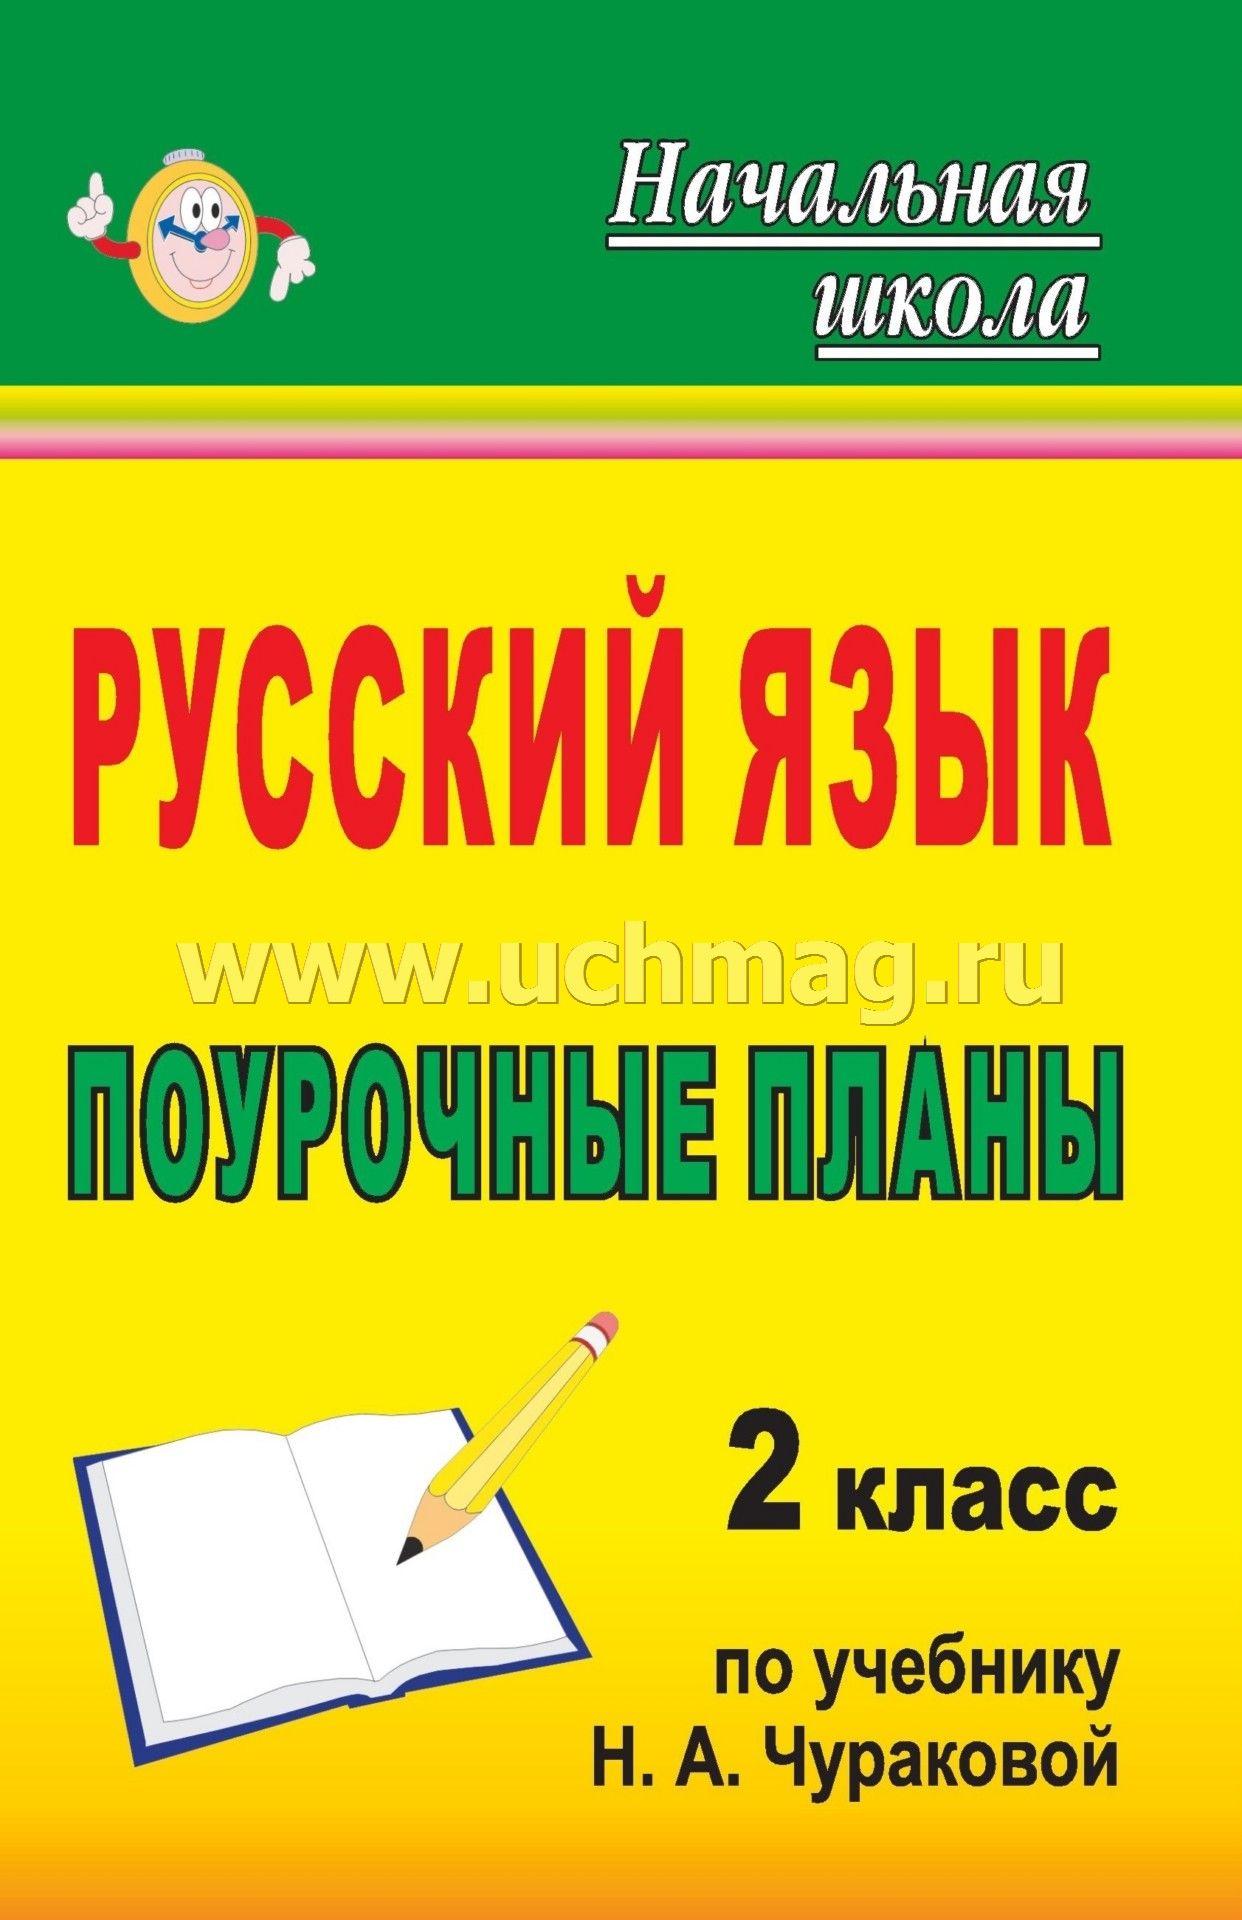 Литературное Чтение Поурочные Планы 1 2 Классы По Программе Школа 2100